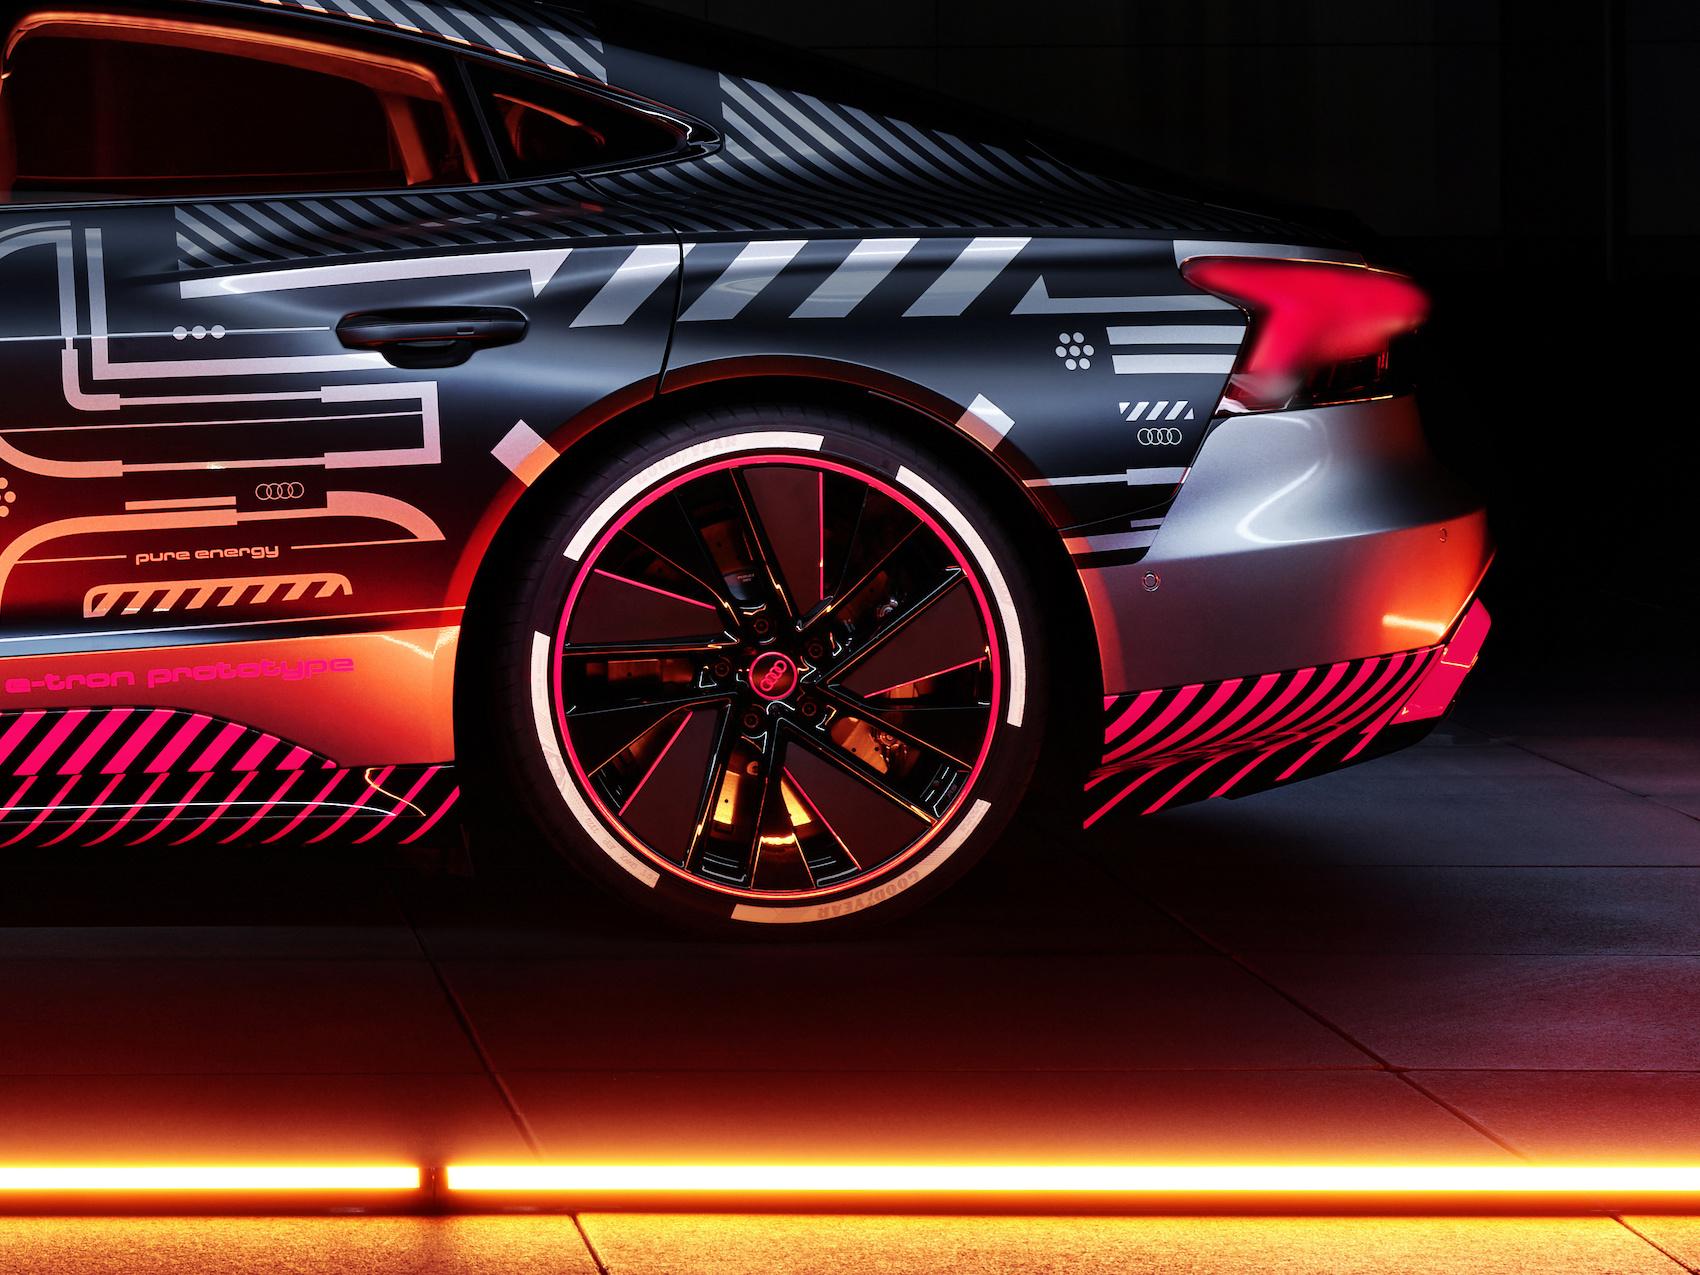 L'Audi e-tron GT est présentée pour l'instant avec son camouflage de prototype seulement. La grande première est prévue pour 2021. (Audi)